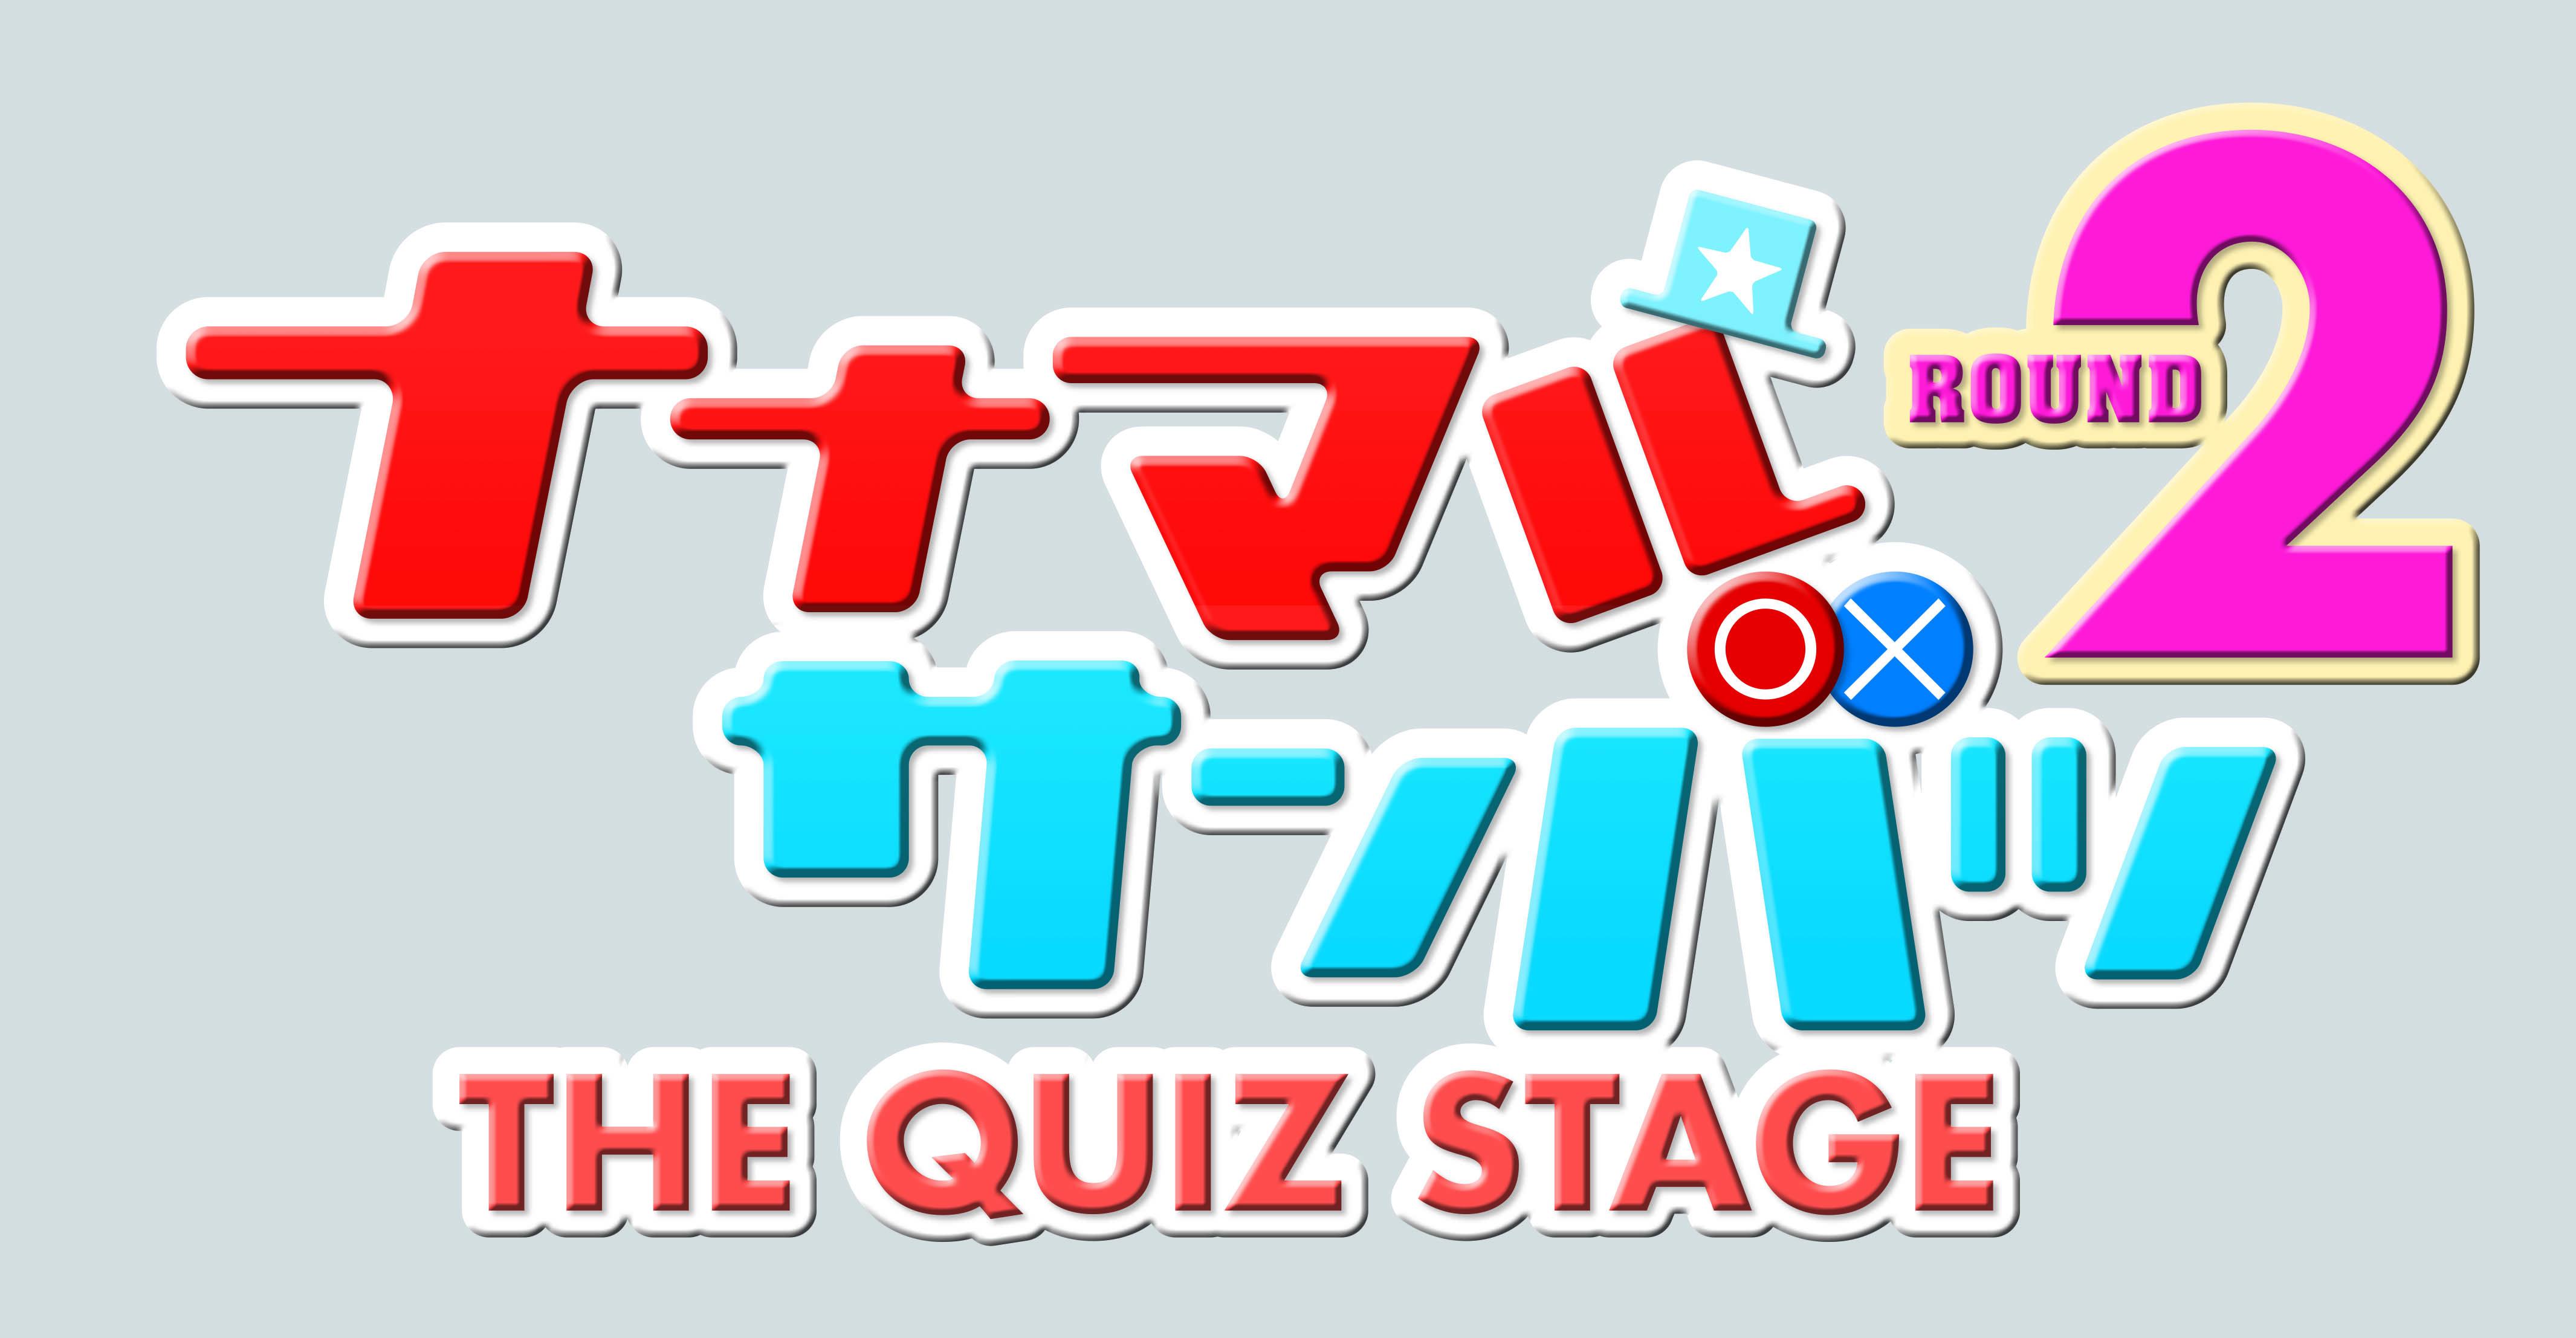 (C)『ナナマル サンバツ THE QUIZ STAGE』製作委員会